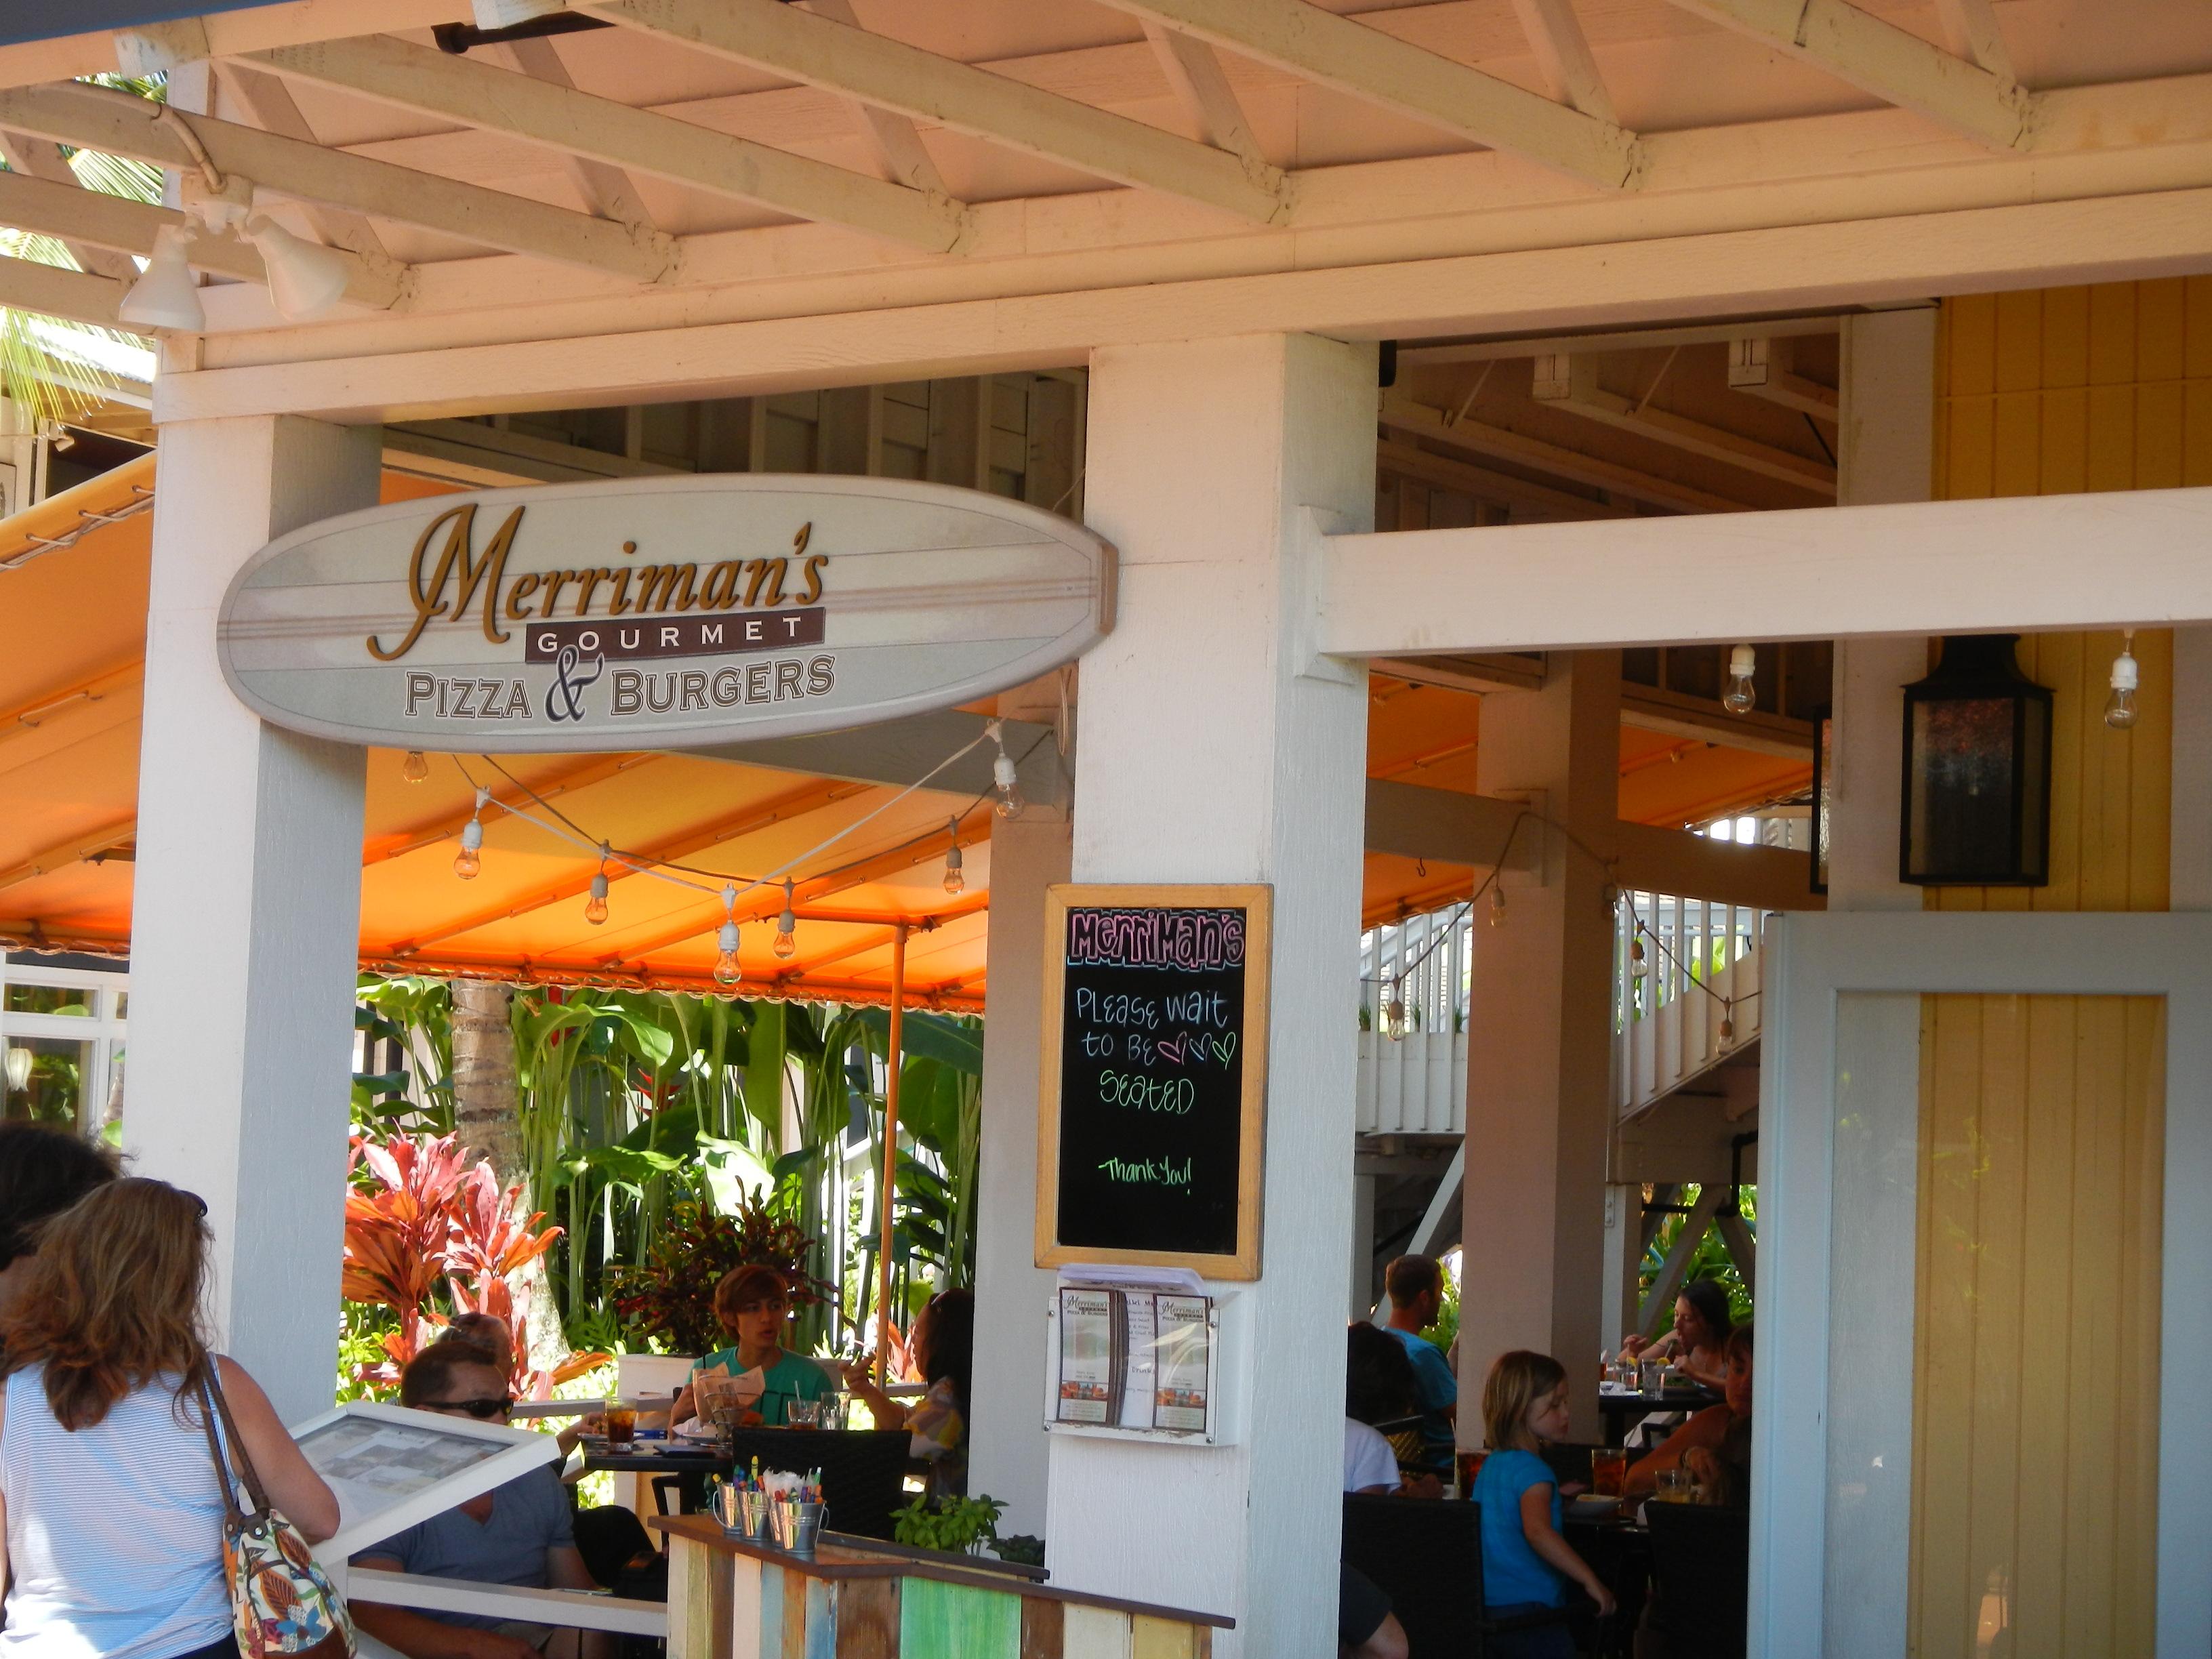 Merriman's Entrance